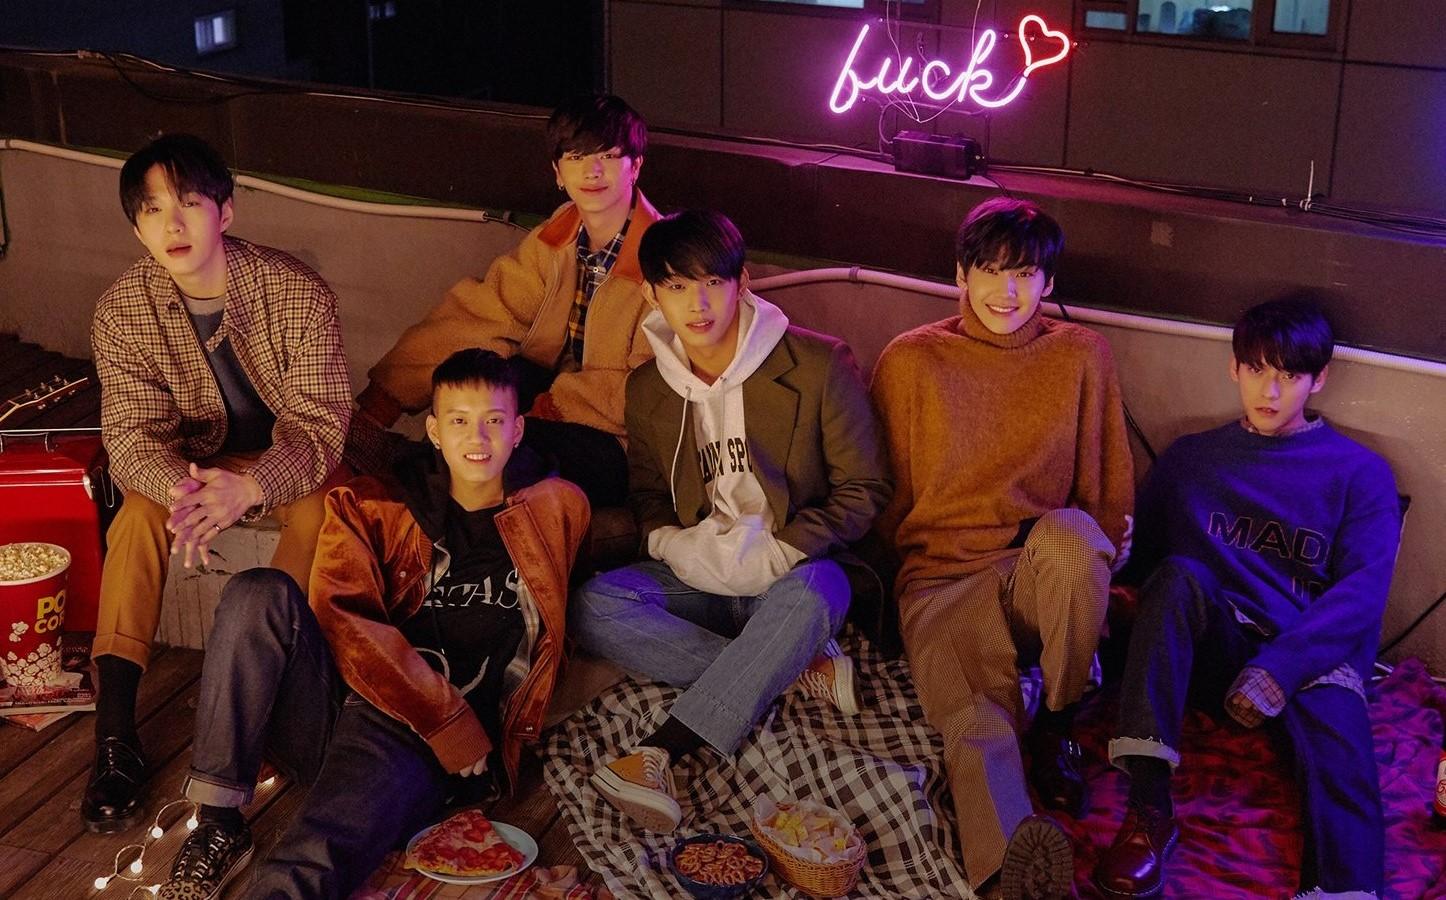 Source: Cube Entertainment